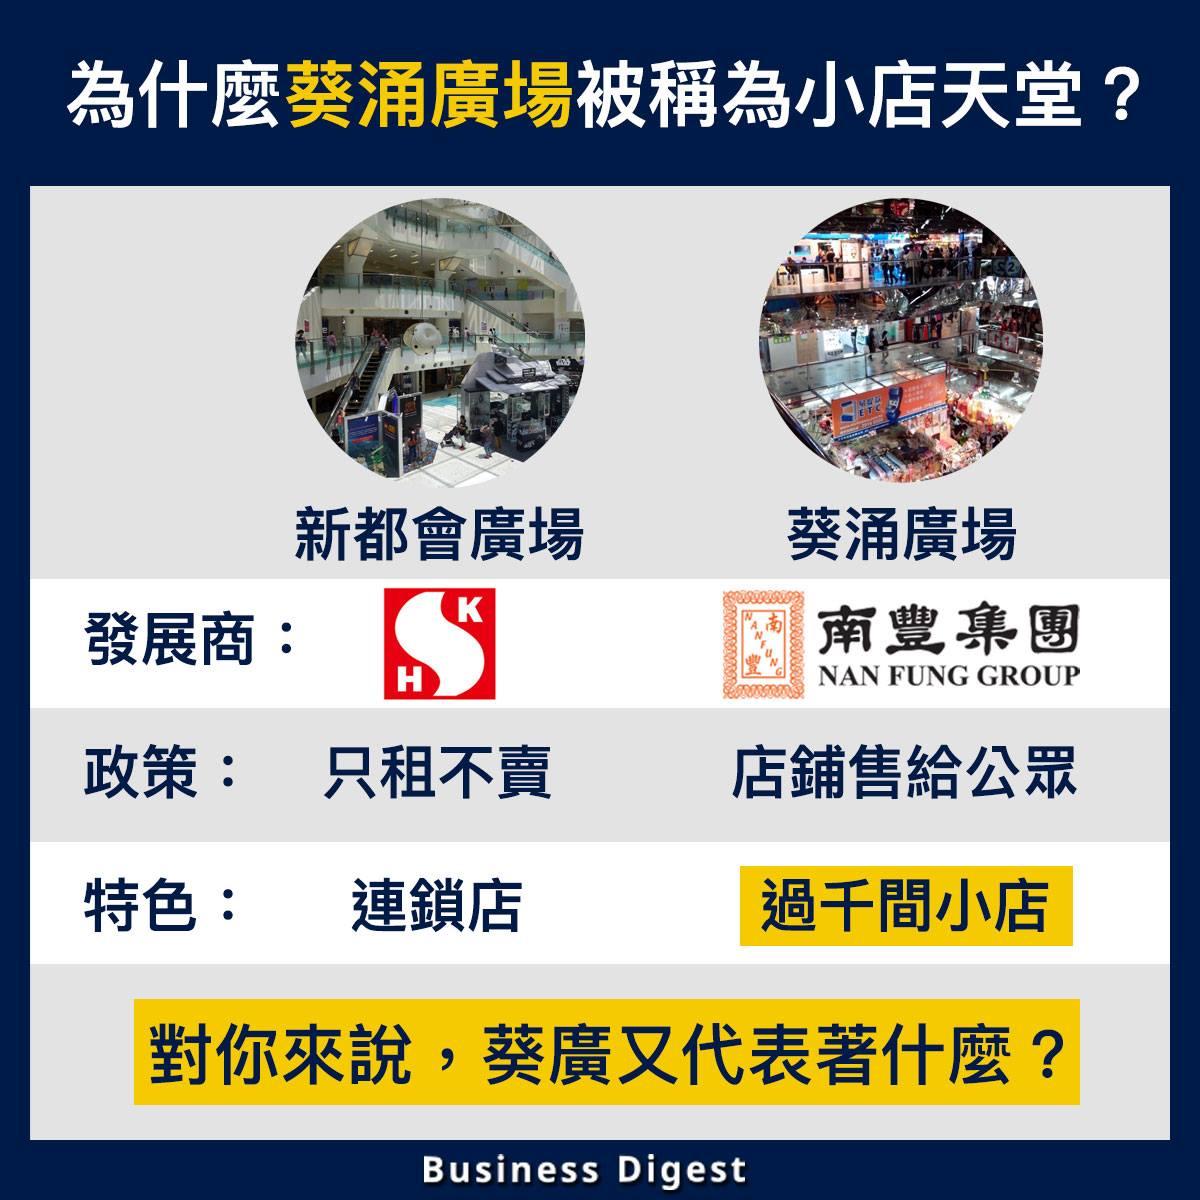 【商業熱話】為什麼葵涌廣場又被稱為小店天堂?